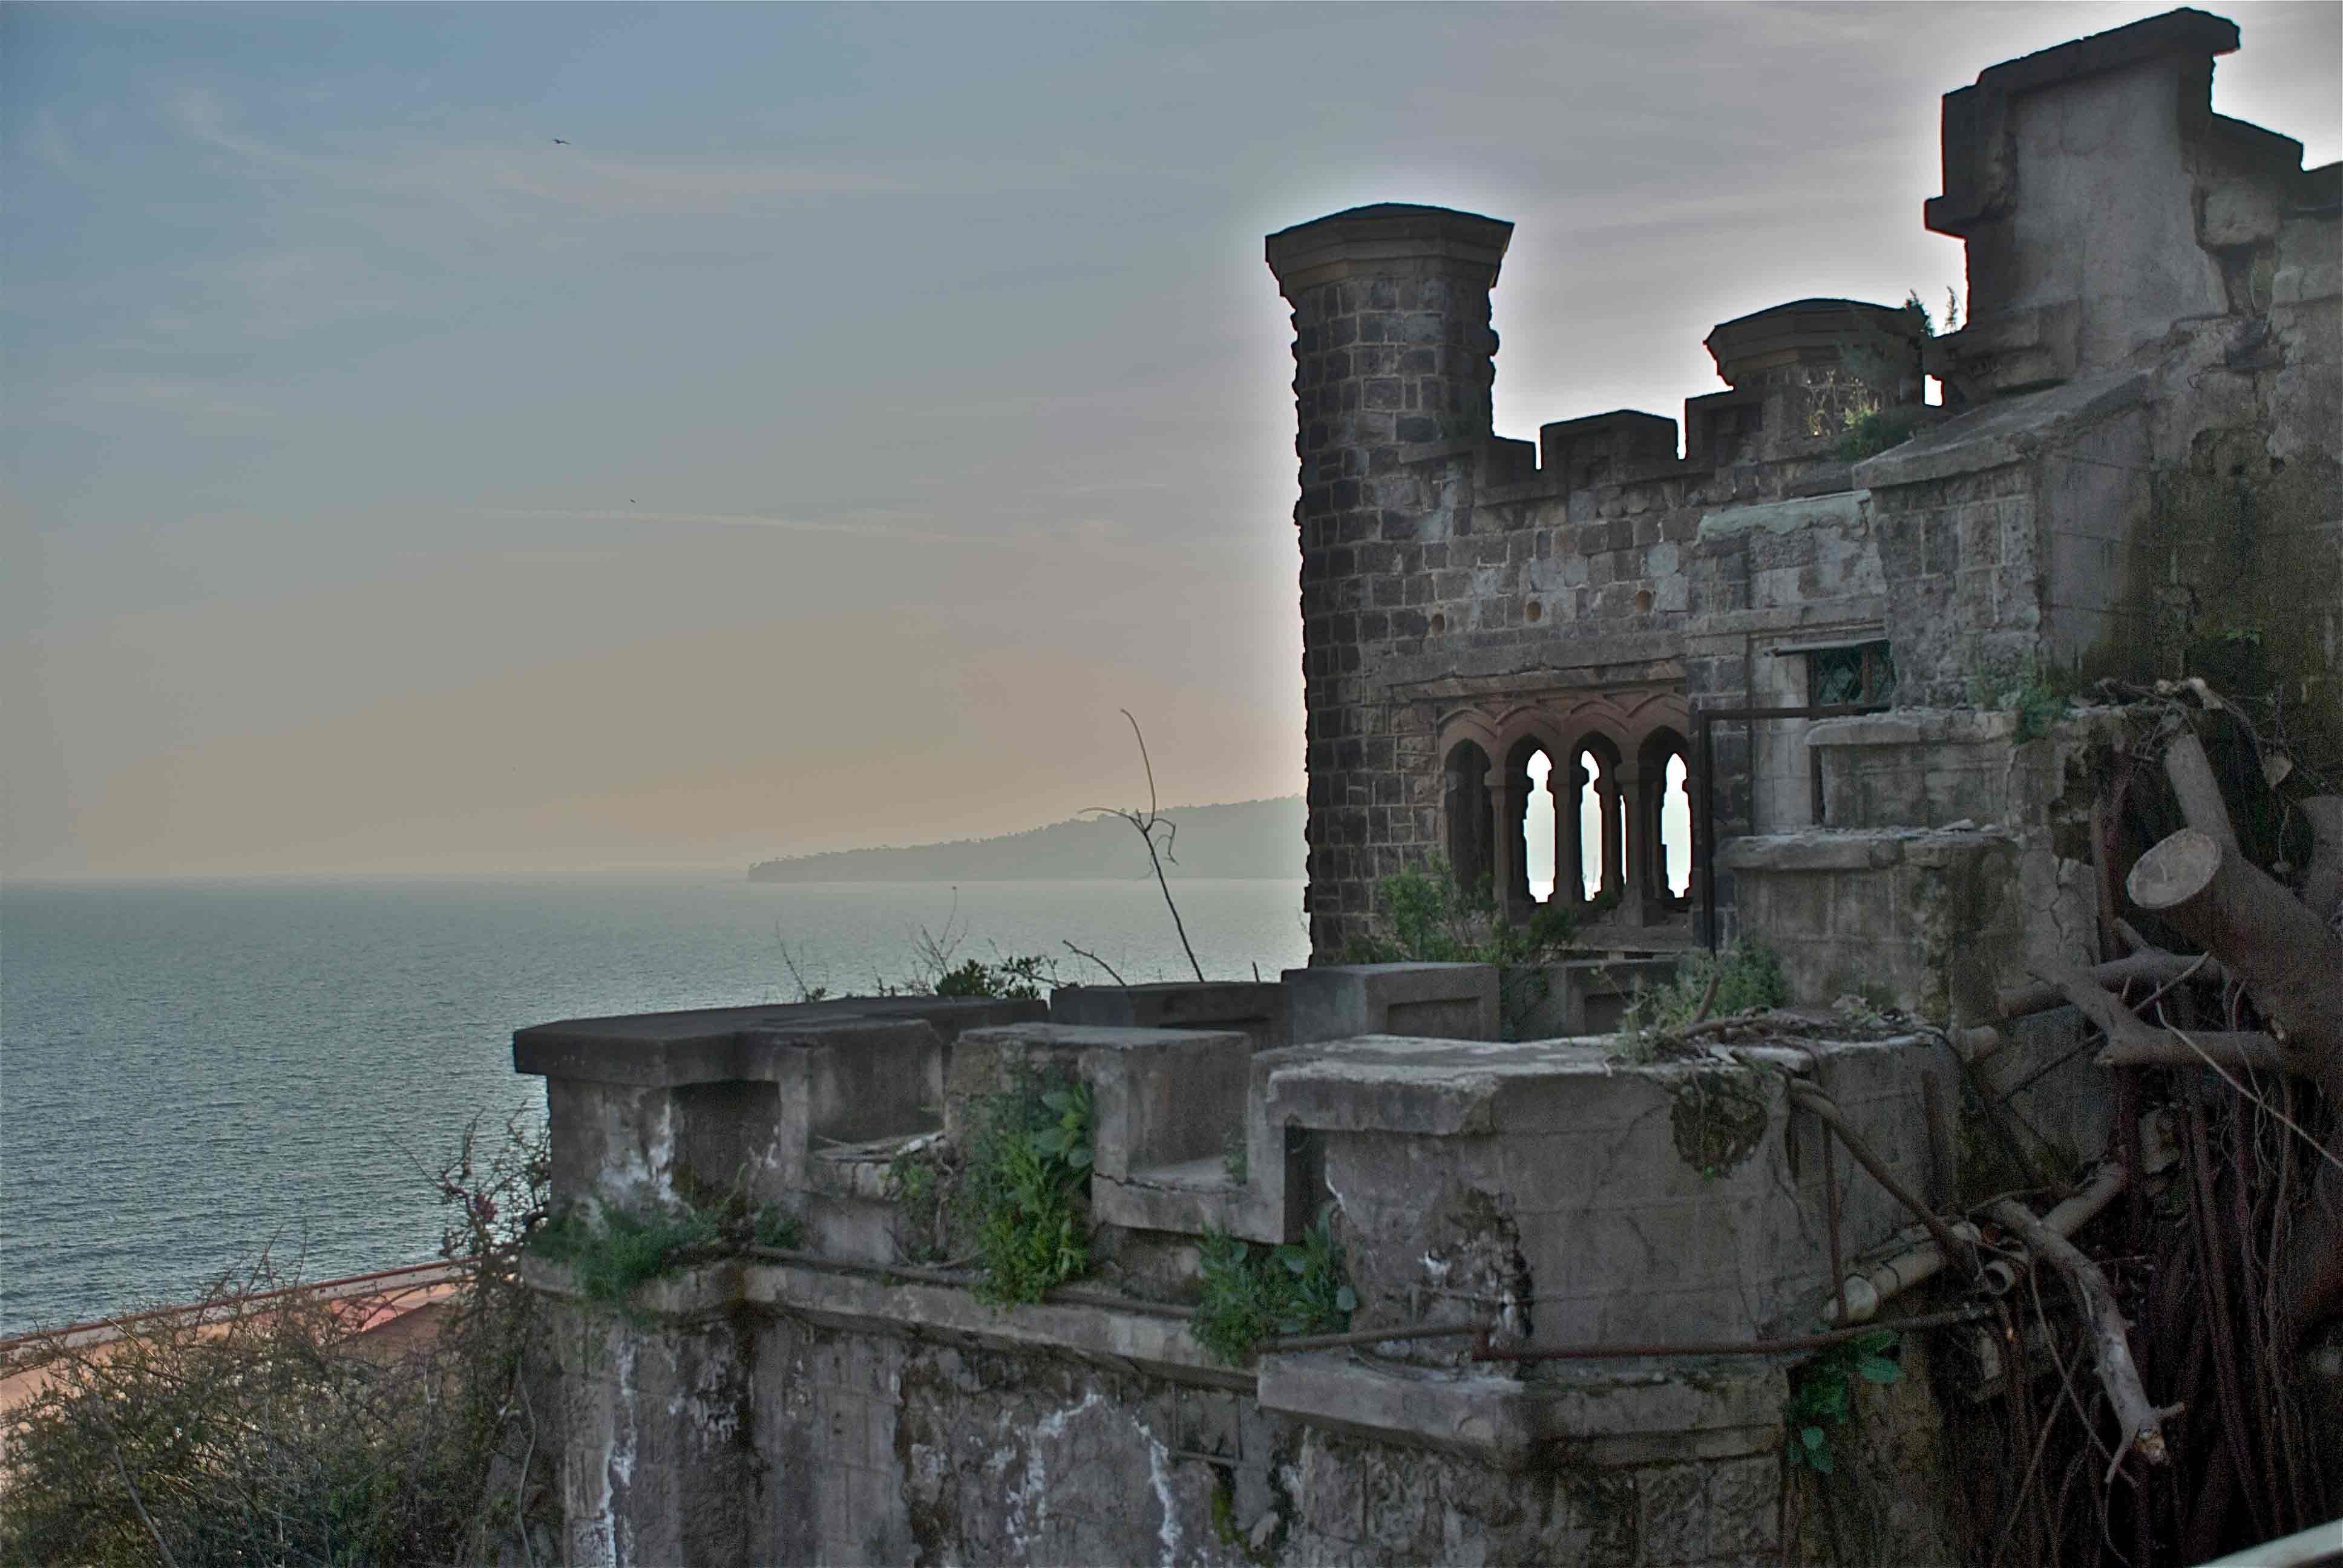 Villa-ebe_1 - Villa Ebe: misteri a Napoli - Notizie.it